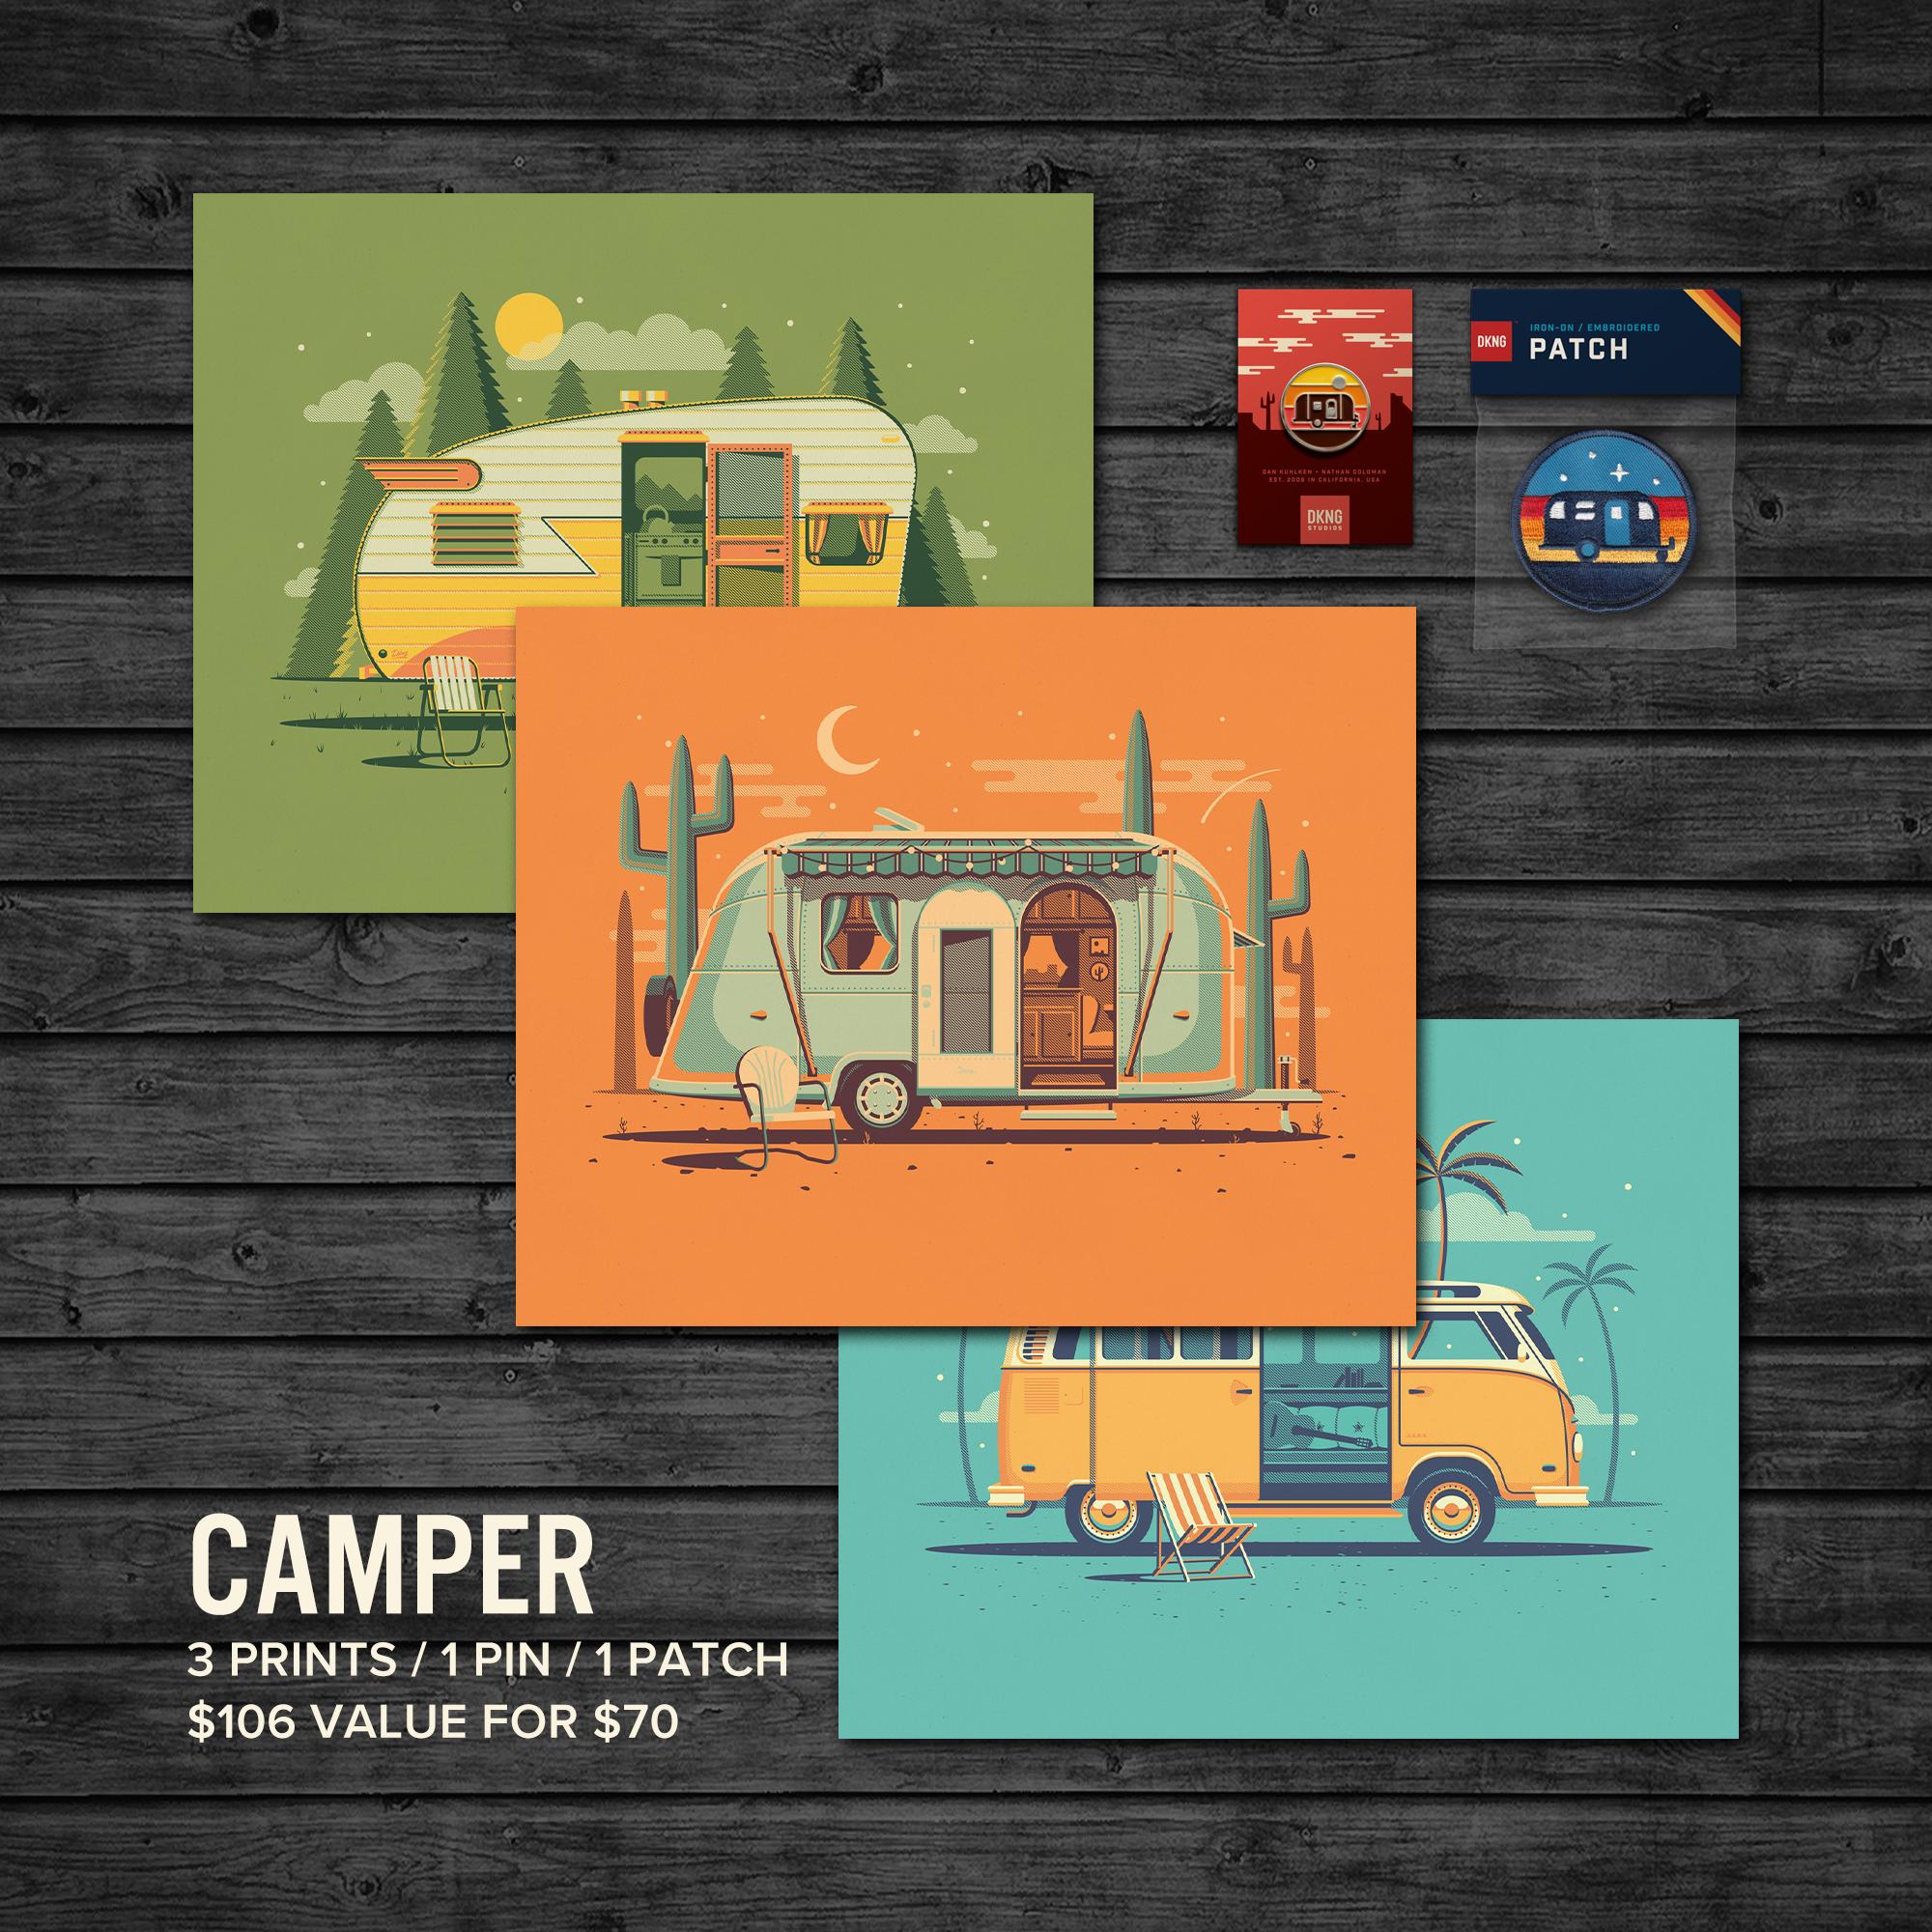 camper_mega_pack.jpg